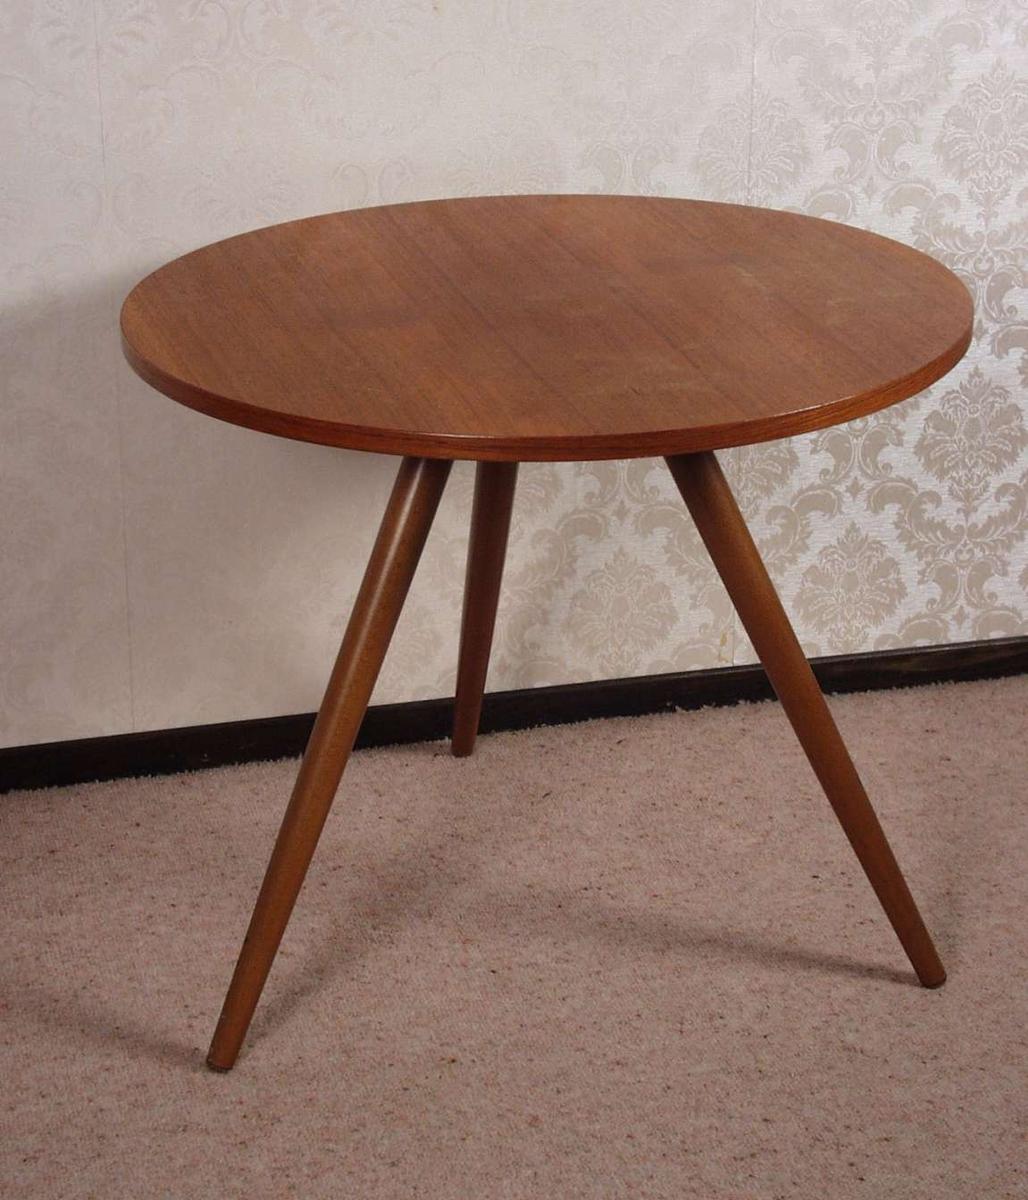 Rundt lite bord i teak med tre ben som skrår ut fra midten av bordplaten.